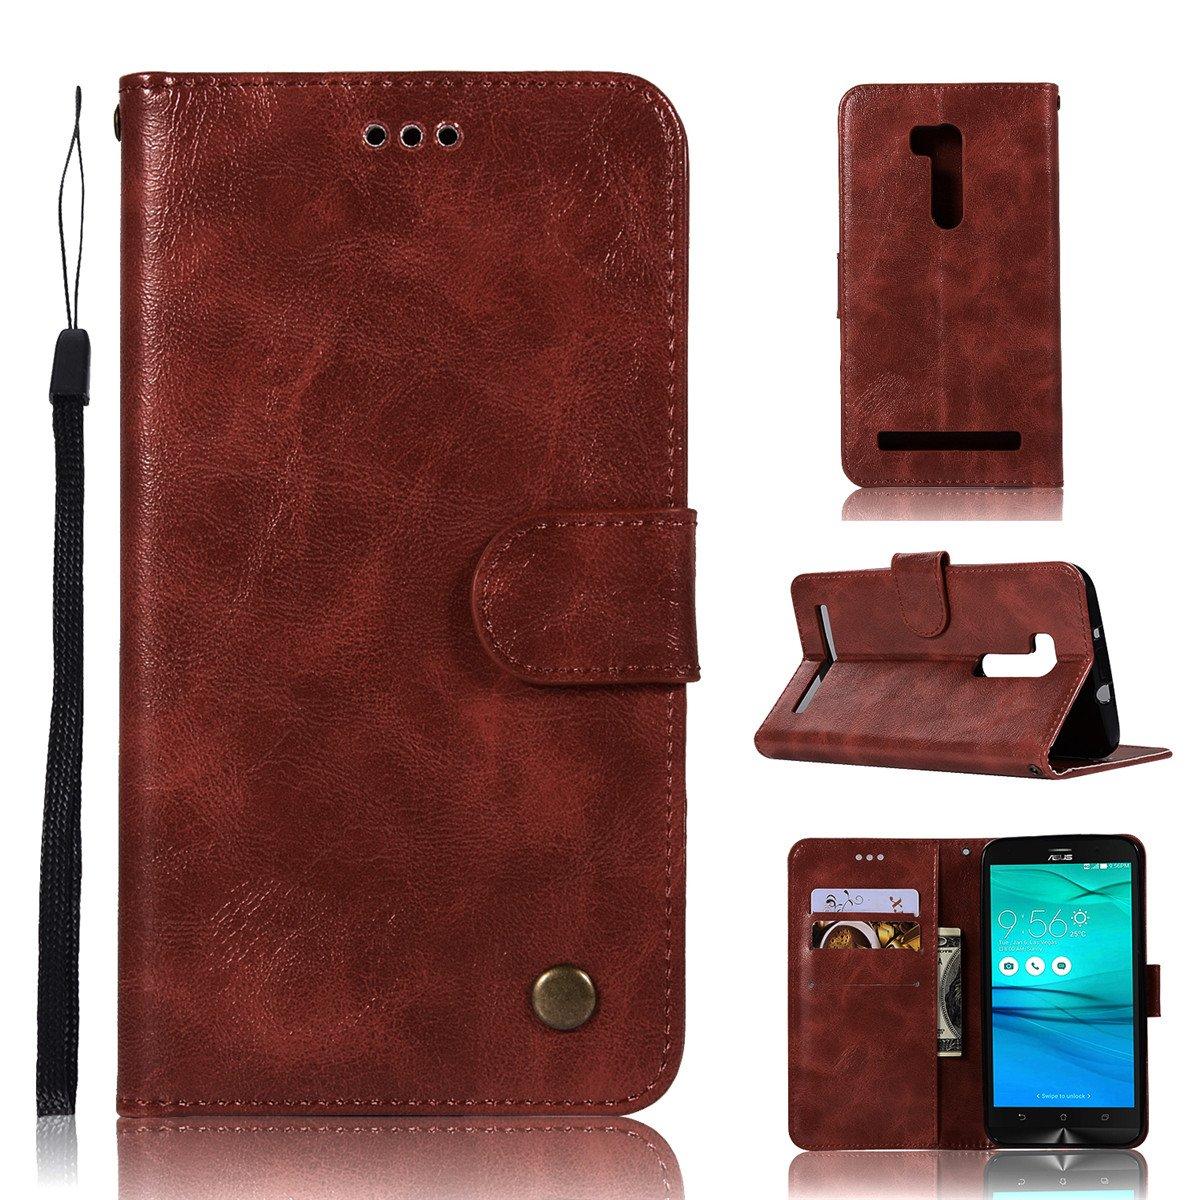 Aiceda Asus Zenfone Go Zb551kl 55 Inch Wallet Case Zb45 Premium Leather Zipper Multifunctional